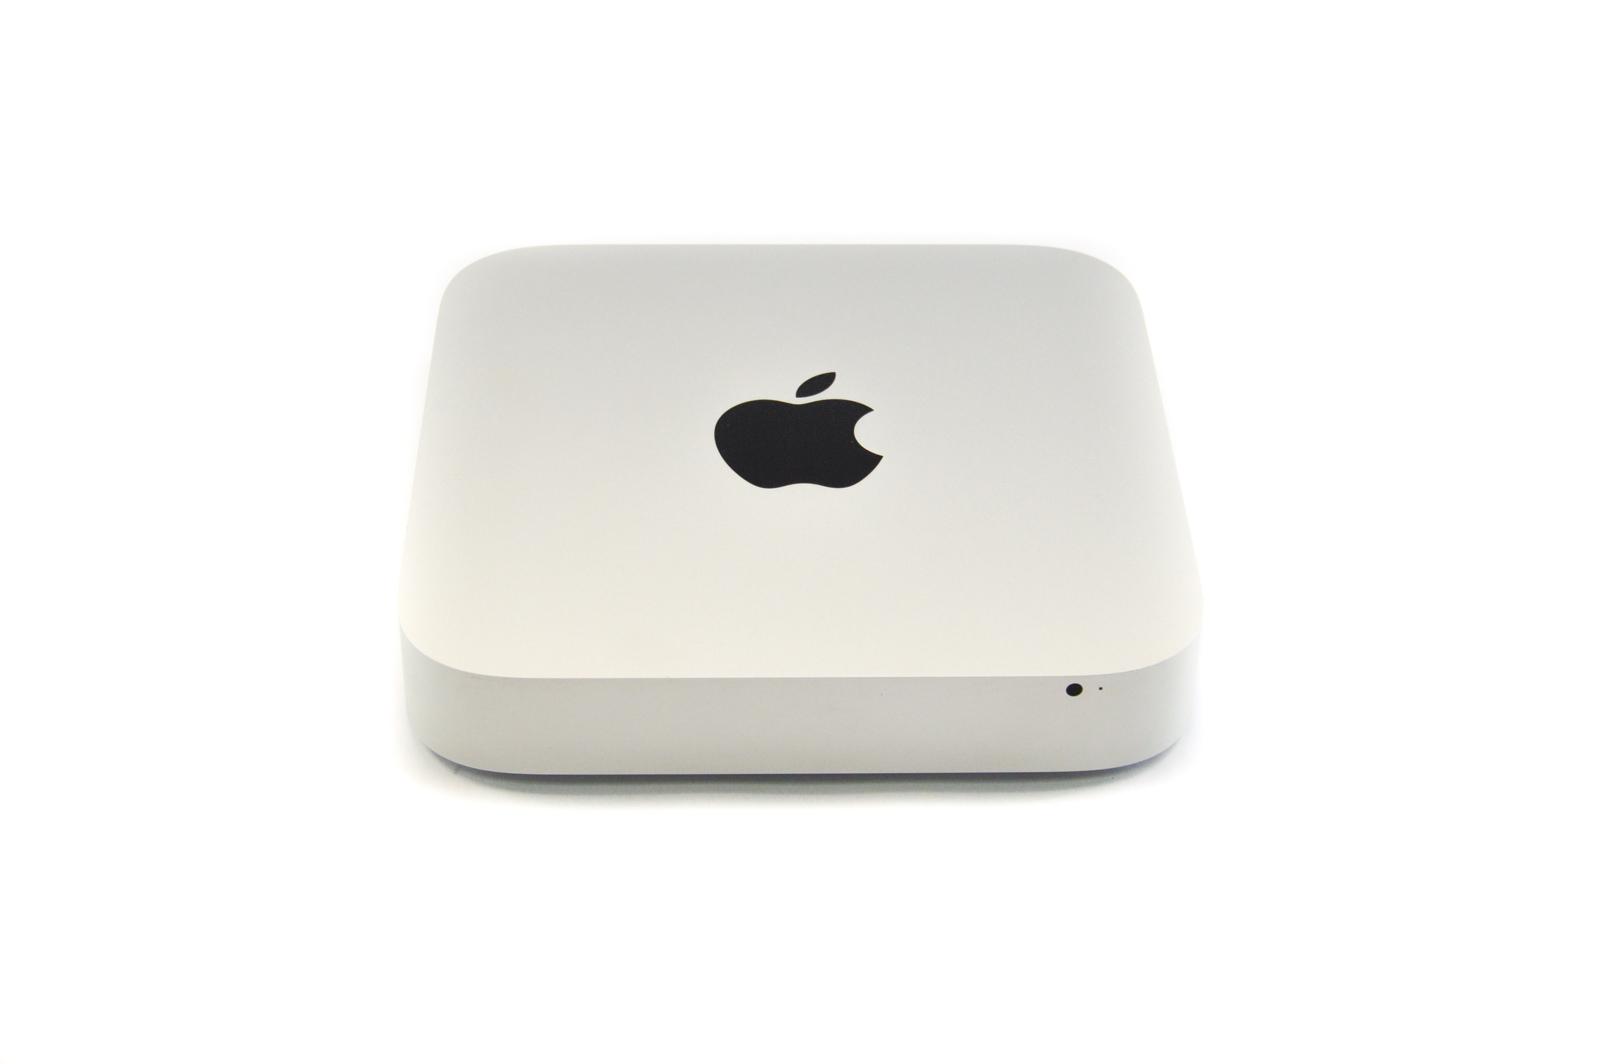 Apple Mac Mini Late 2014 A1347 Core i7 3GHz 16GB 128GB 2TB SN:C07WF02EG1J2